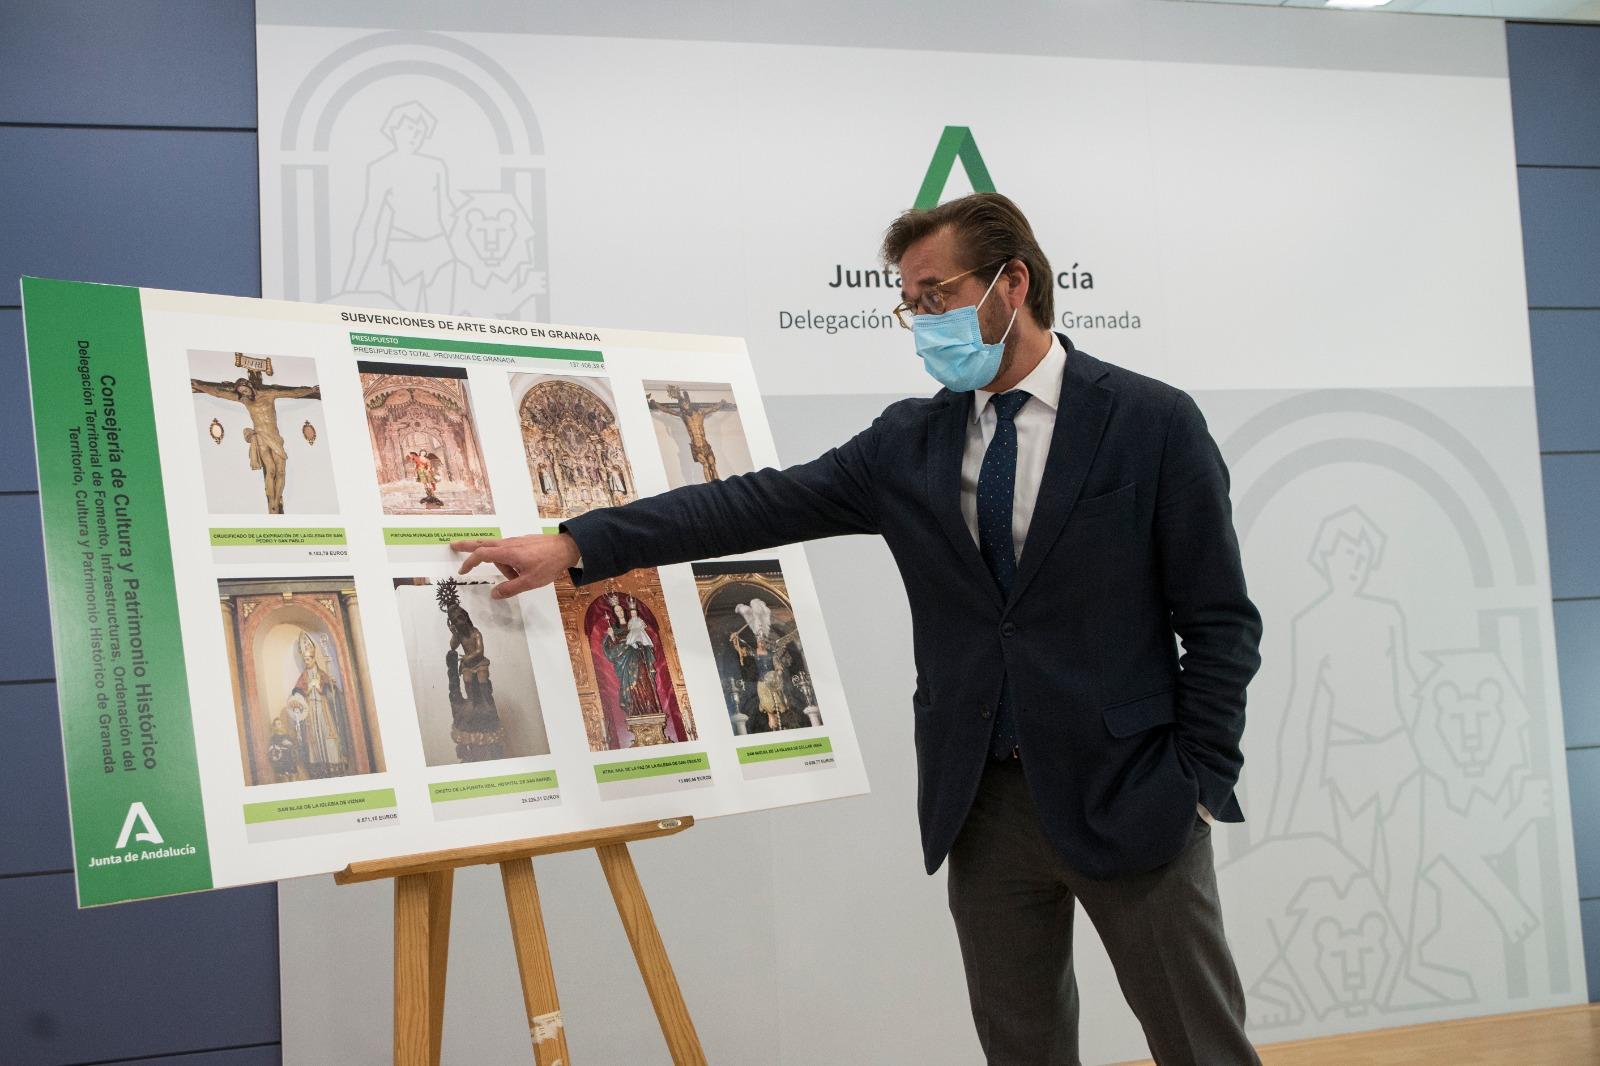 Cultura y Patrimonio Histórico subvenciona ocho proyectos de restauración y uno de catalogación de arte sacro con 151.000 euros